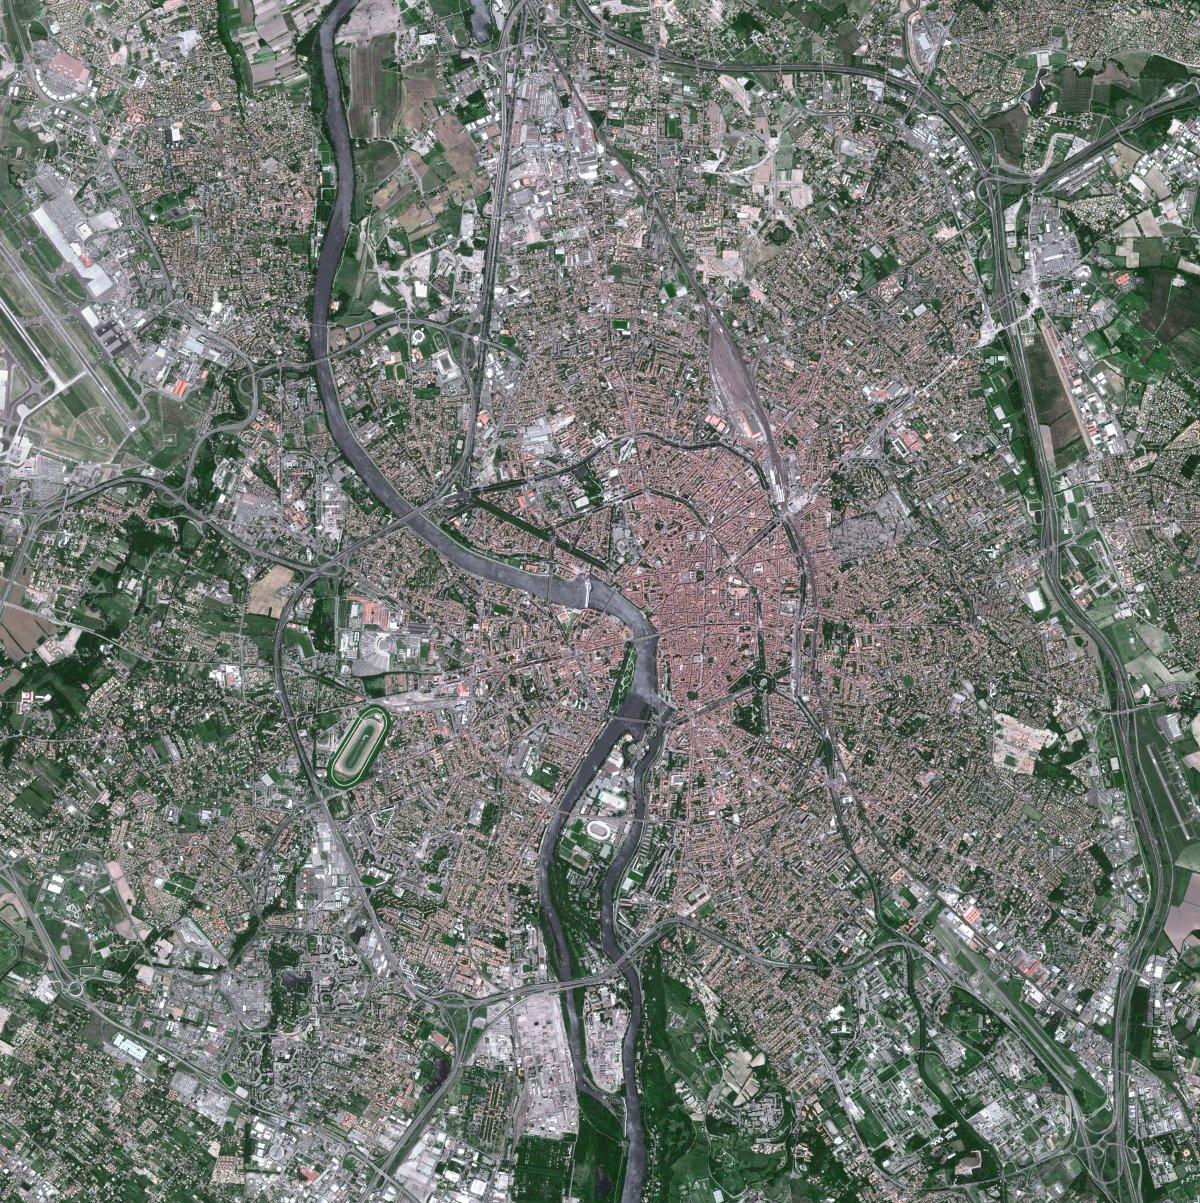 30 ans de SPOT - Toulouse - Ville rose - Capitale européenne du spatial - évolution - Spot 5 - Juin 2002 - Après AZF - CNES - Airbus DS